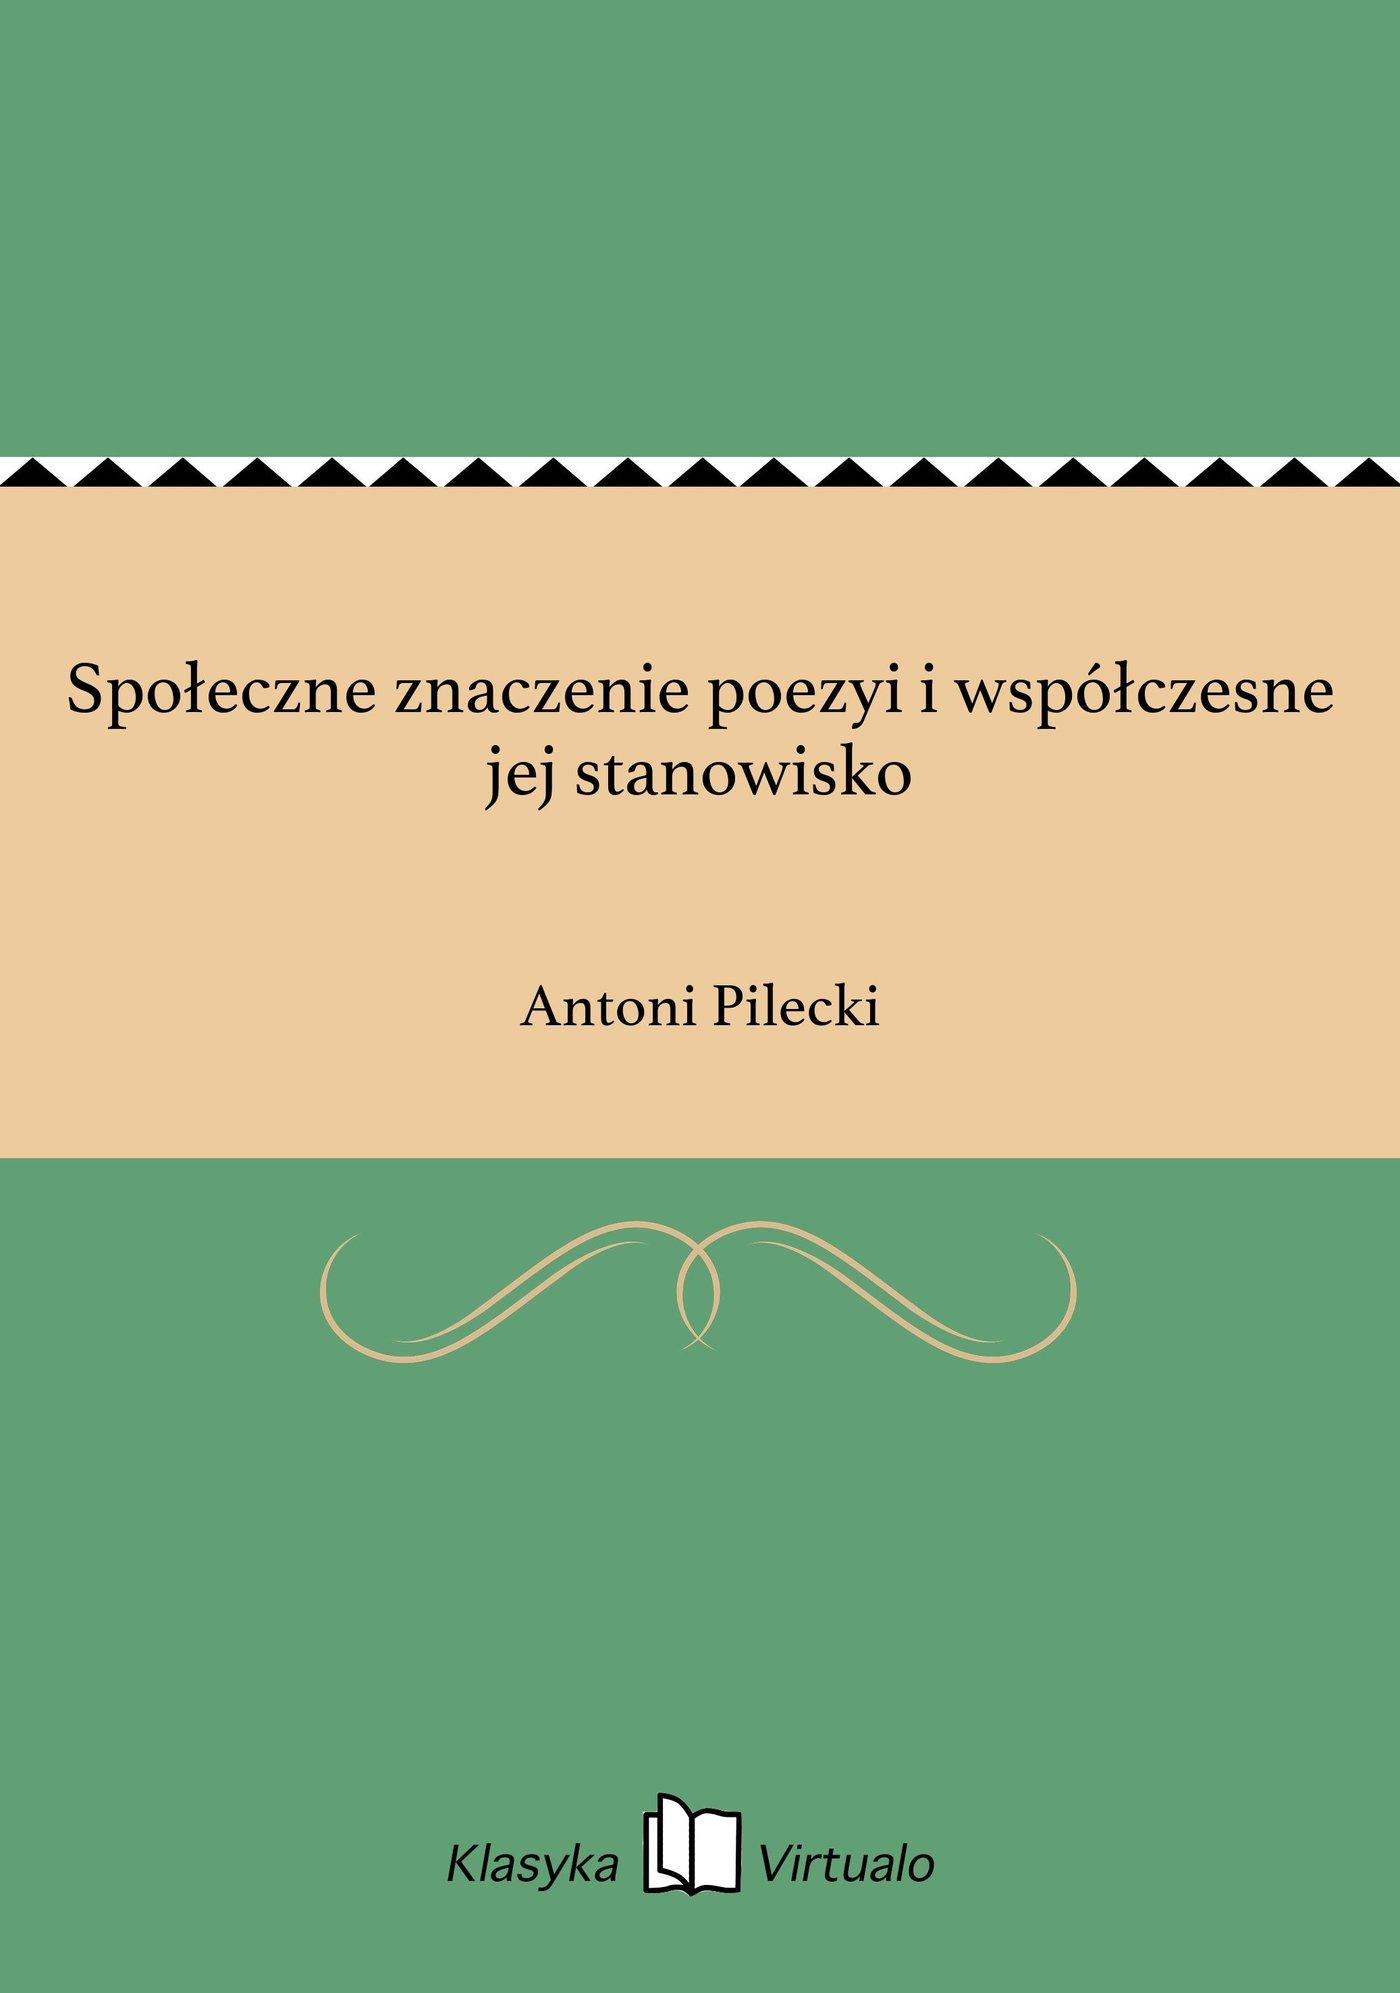 Społeczne znaczenie poezyi i współczesne jej stanowisko - Ebook (Książka na Kindle) do pobrania w formacie MOBI